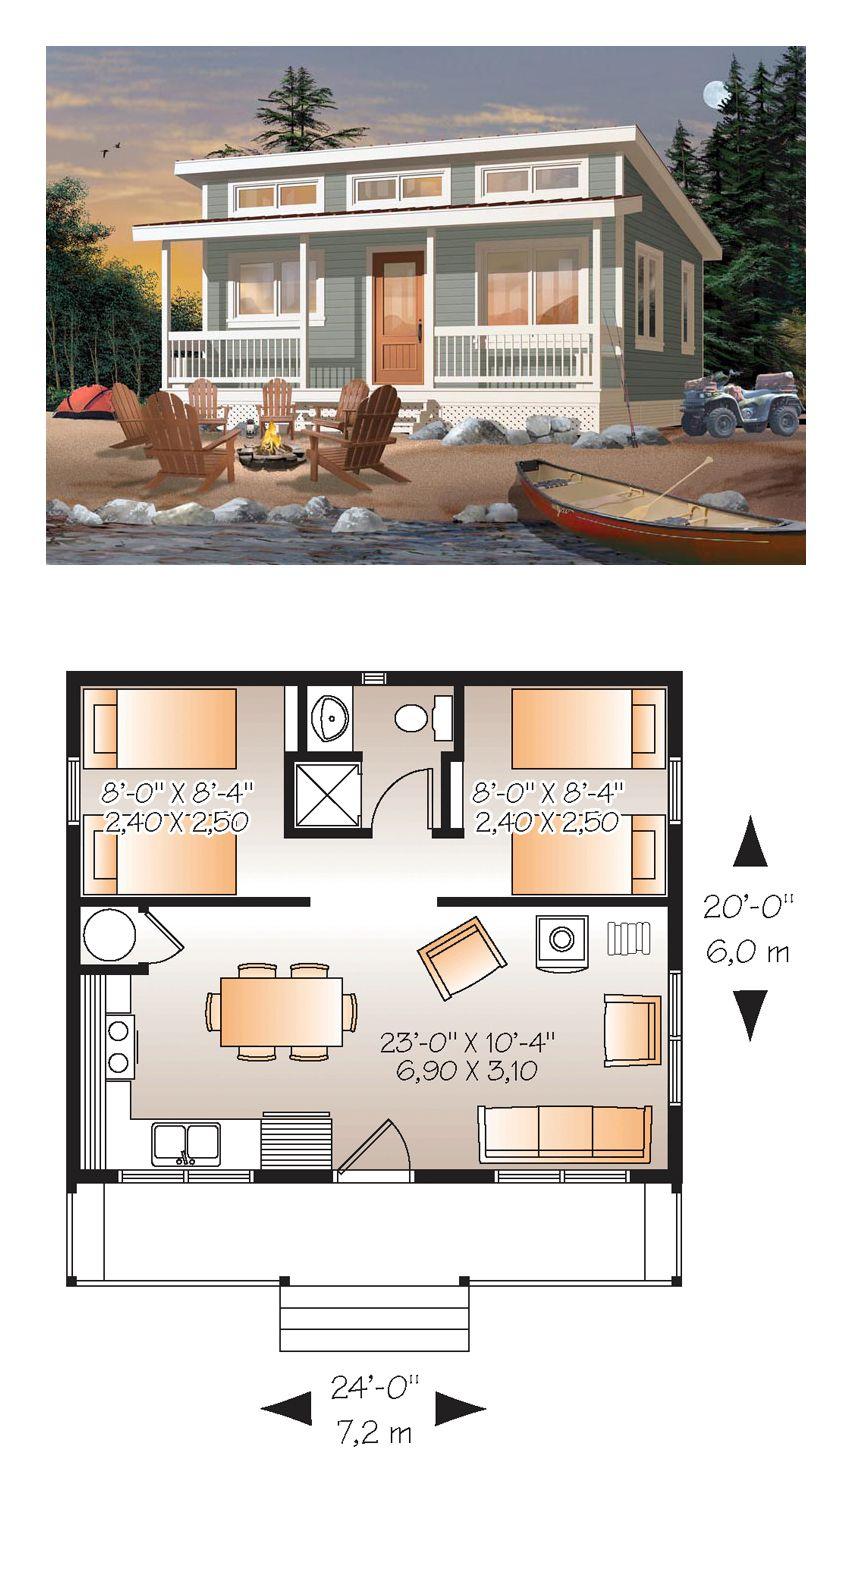 2 Bedroom Tiny House